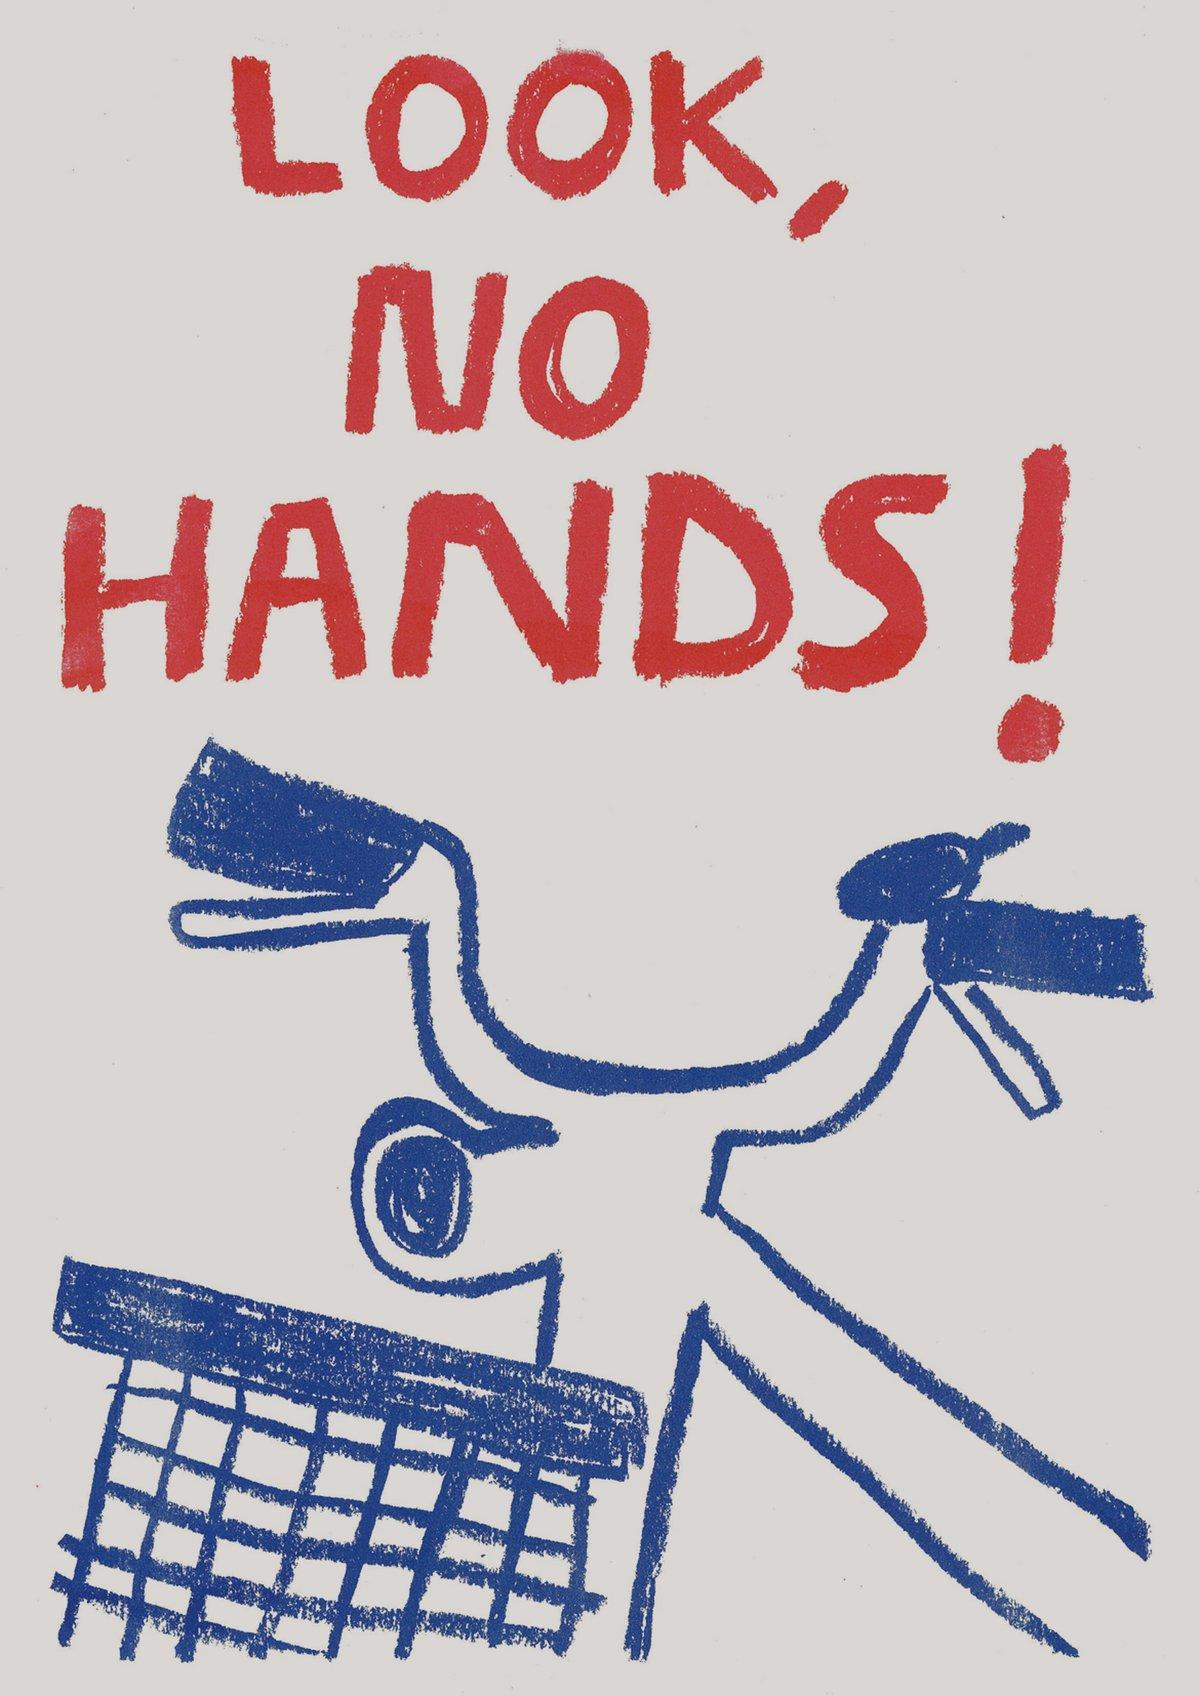 Image of Look, no hands!